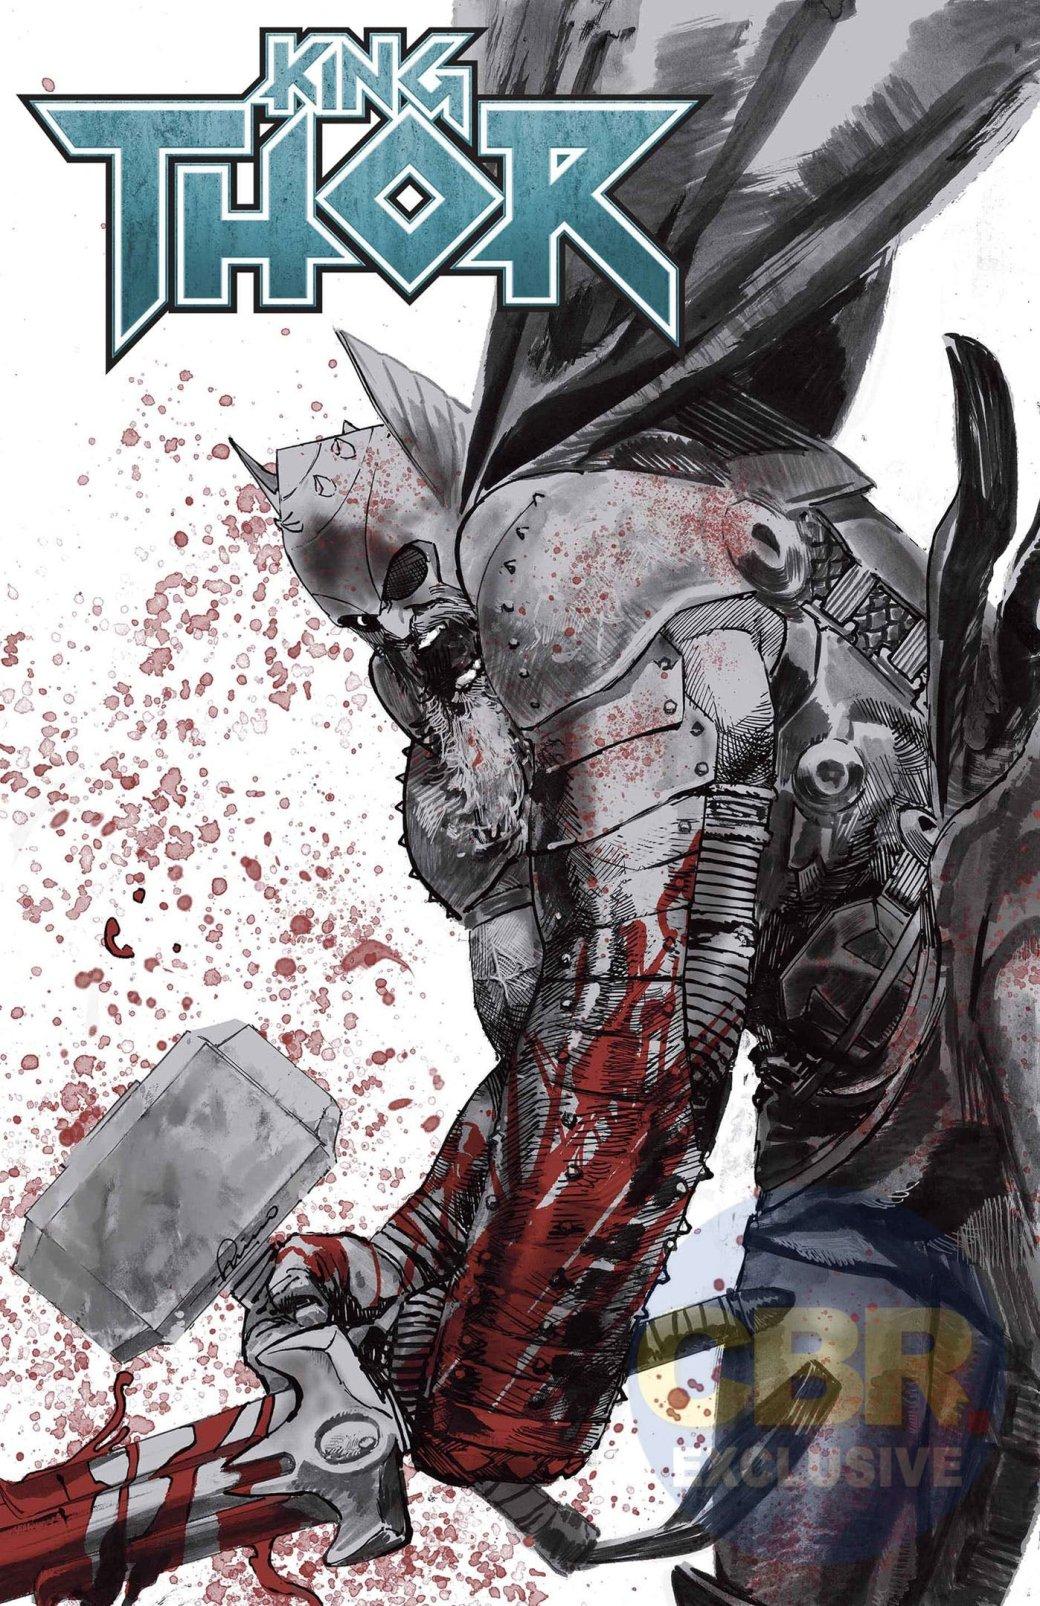 Marvel наконец анонсировала комикс про Короля Тора— бога грома вдалеком будущем, где онВсеотец   Канобу - Изображение 3